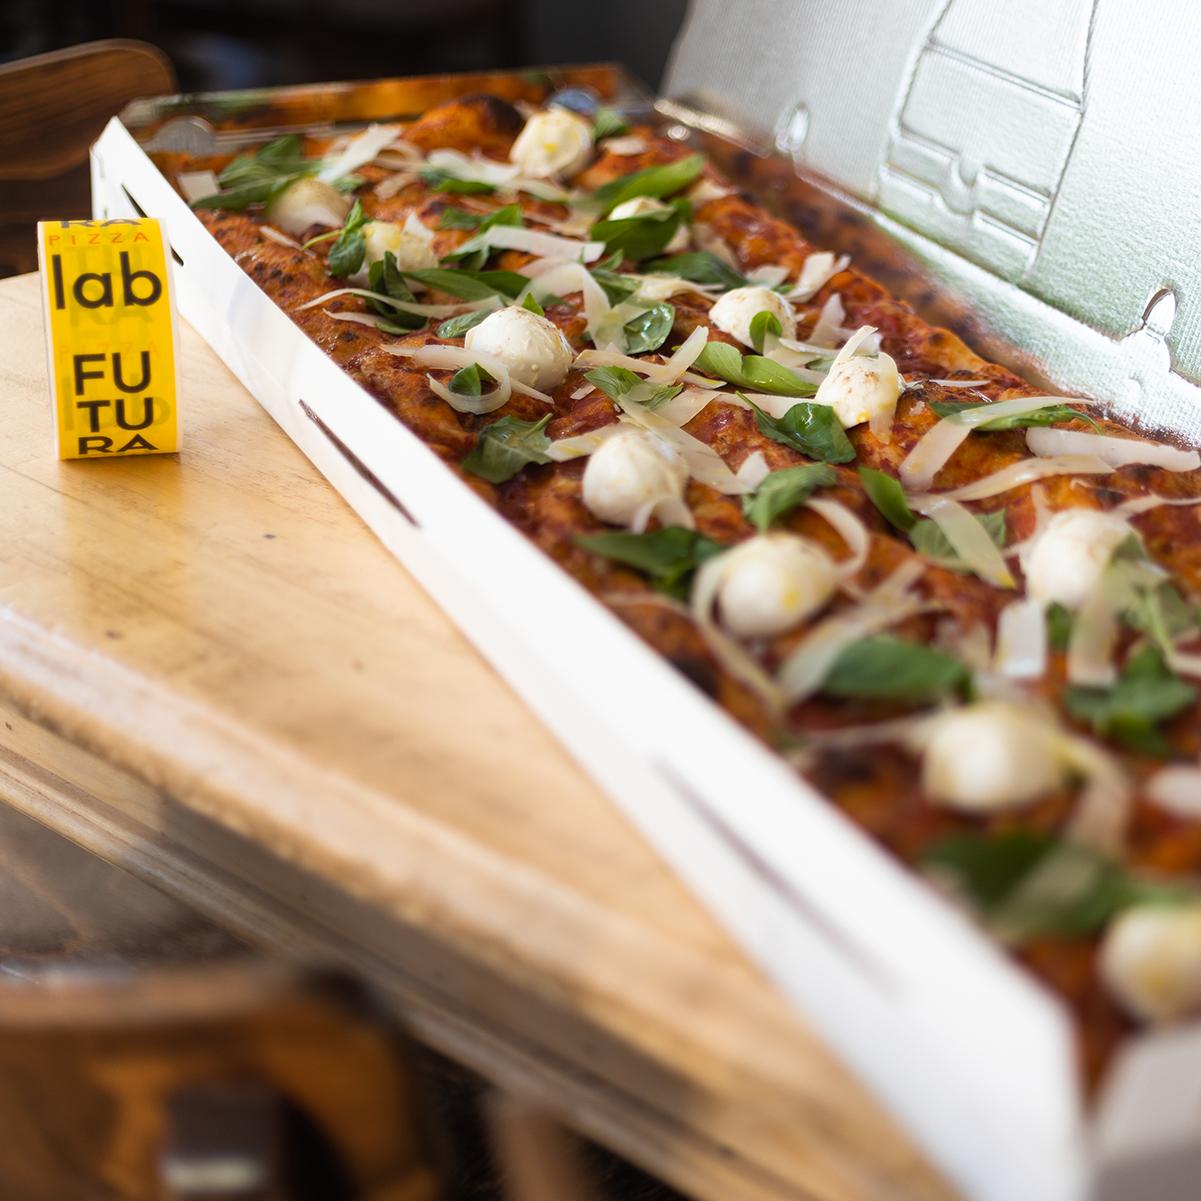 Futura Pizza lab 3